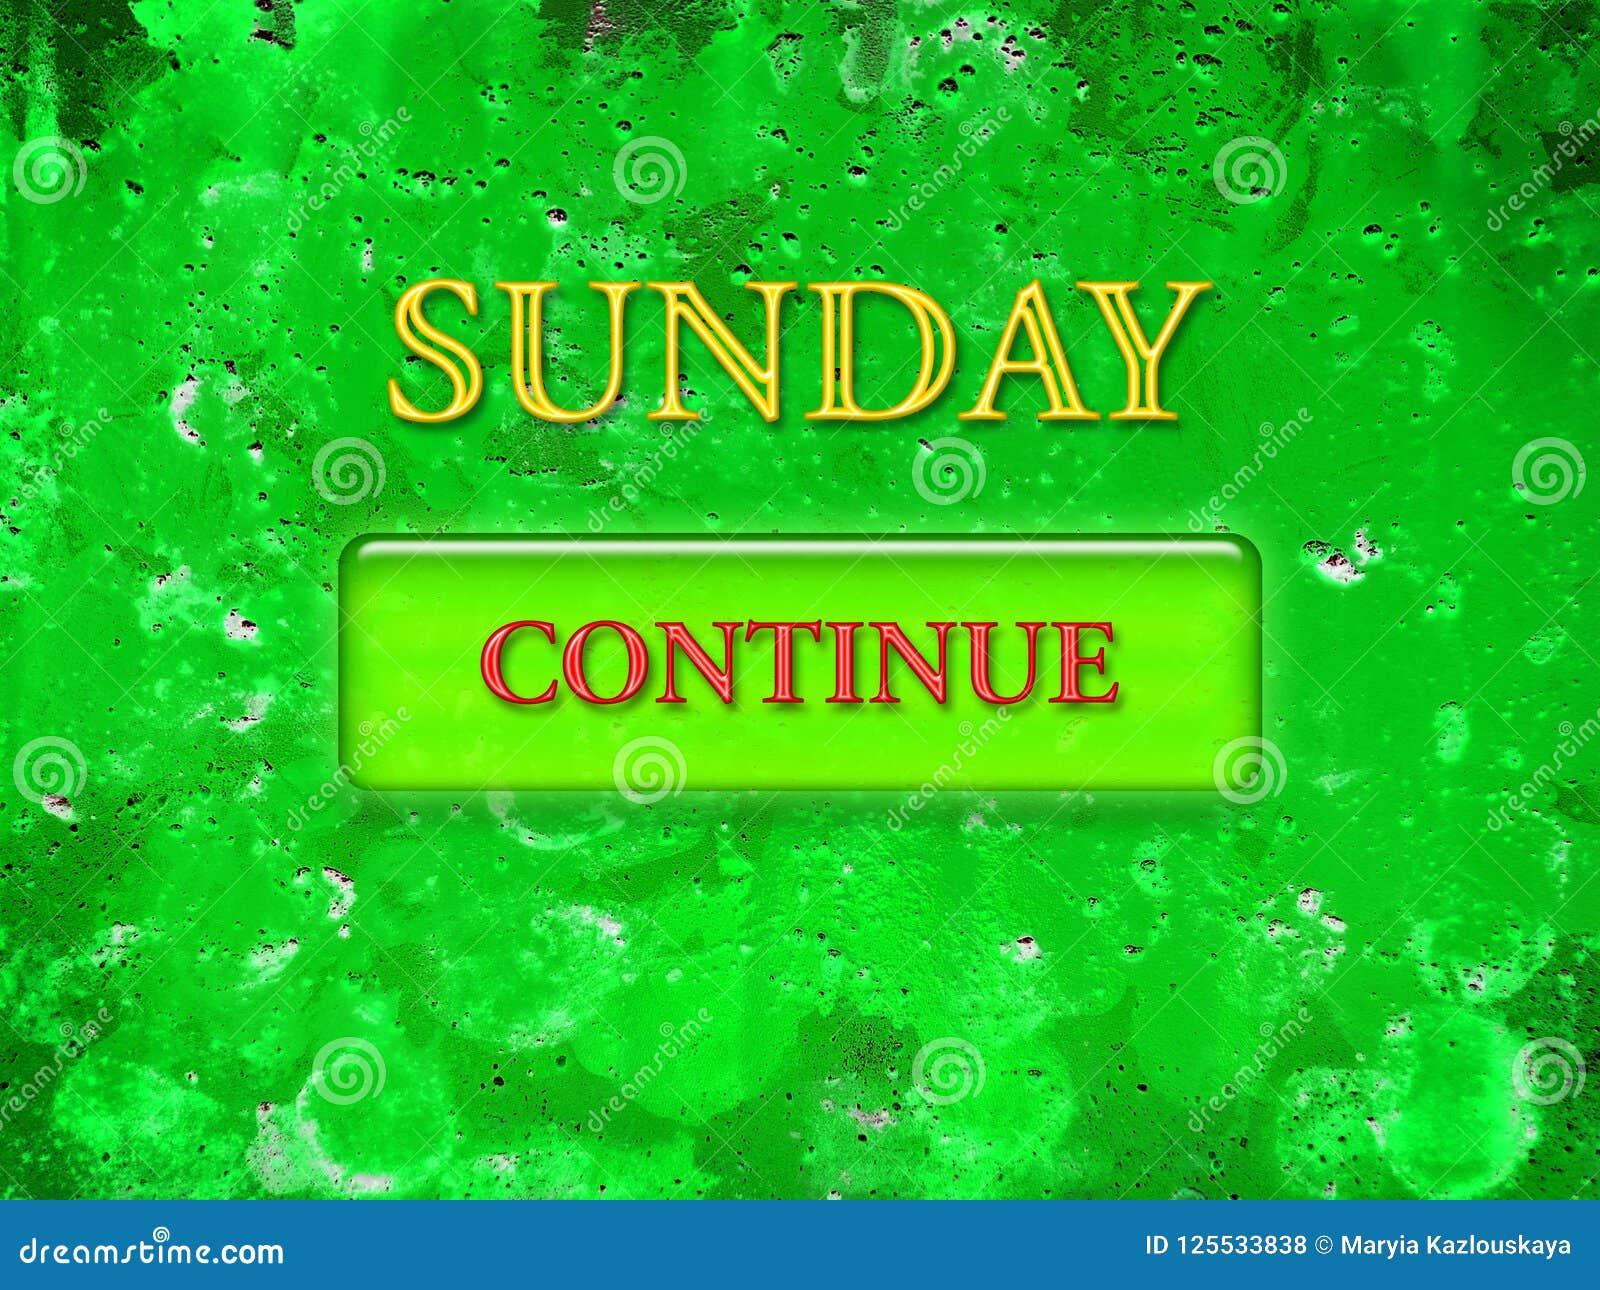 Esprima domenica, stampata nelle lettere gialle su un fondo strutturale verde e un bottone verde con le lettere rosse continua